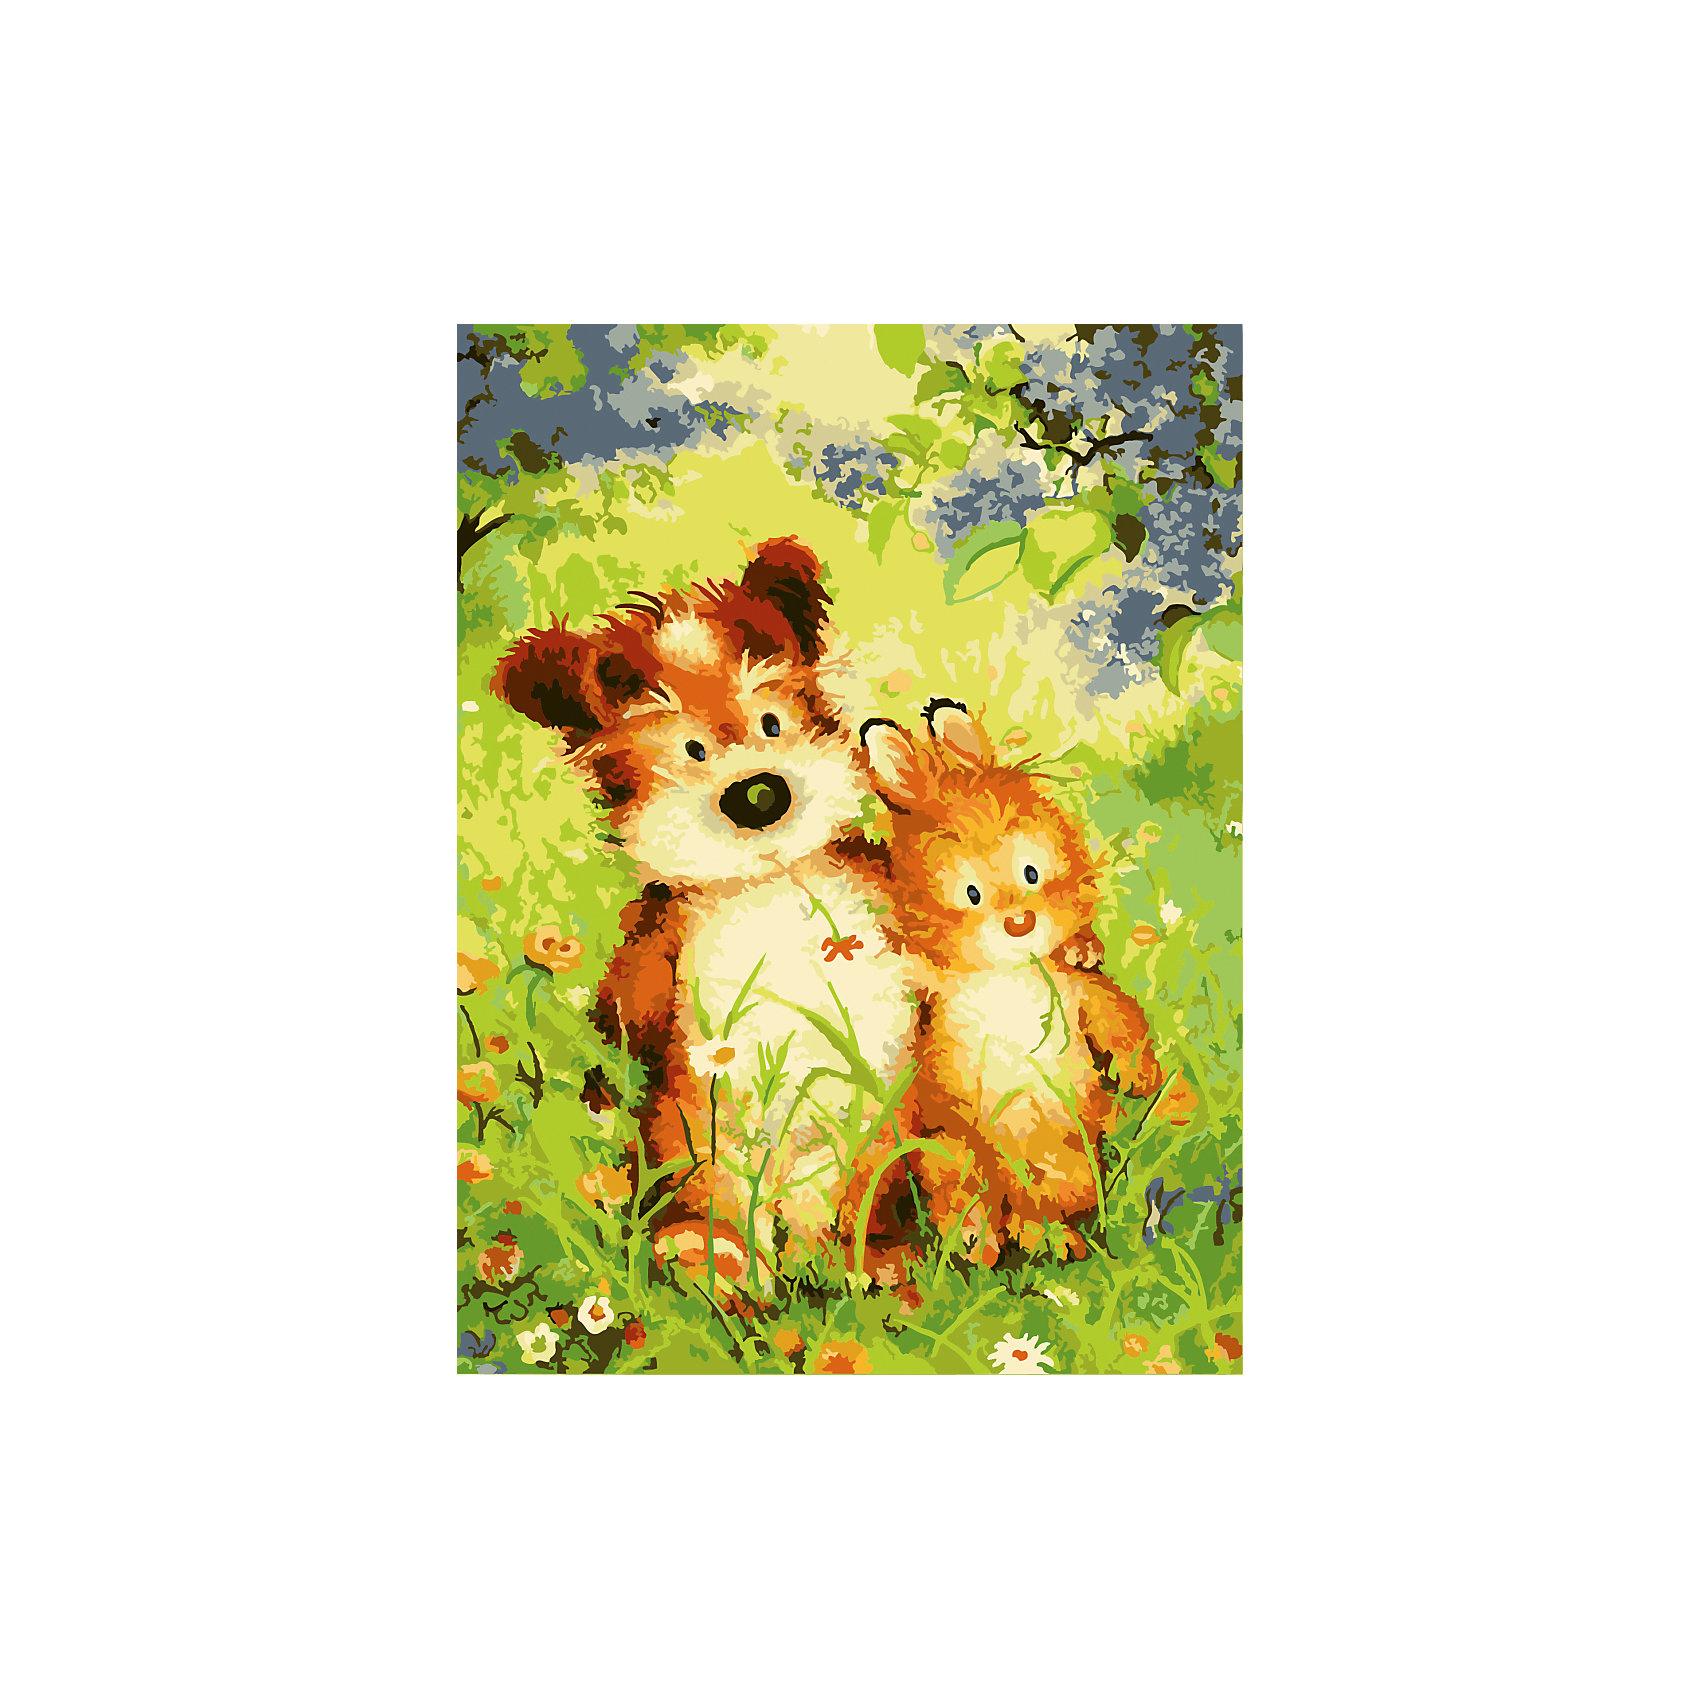 TUKZAR Роспись по номерам Пес и заяц 30*40 см, детская серия наборы для рисования цветной картины по номерам пес федя